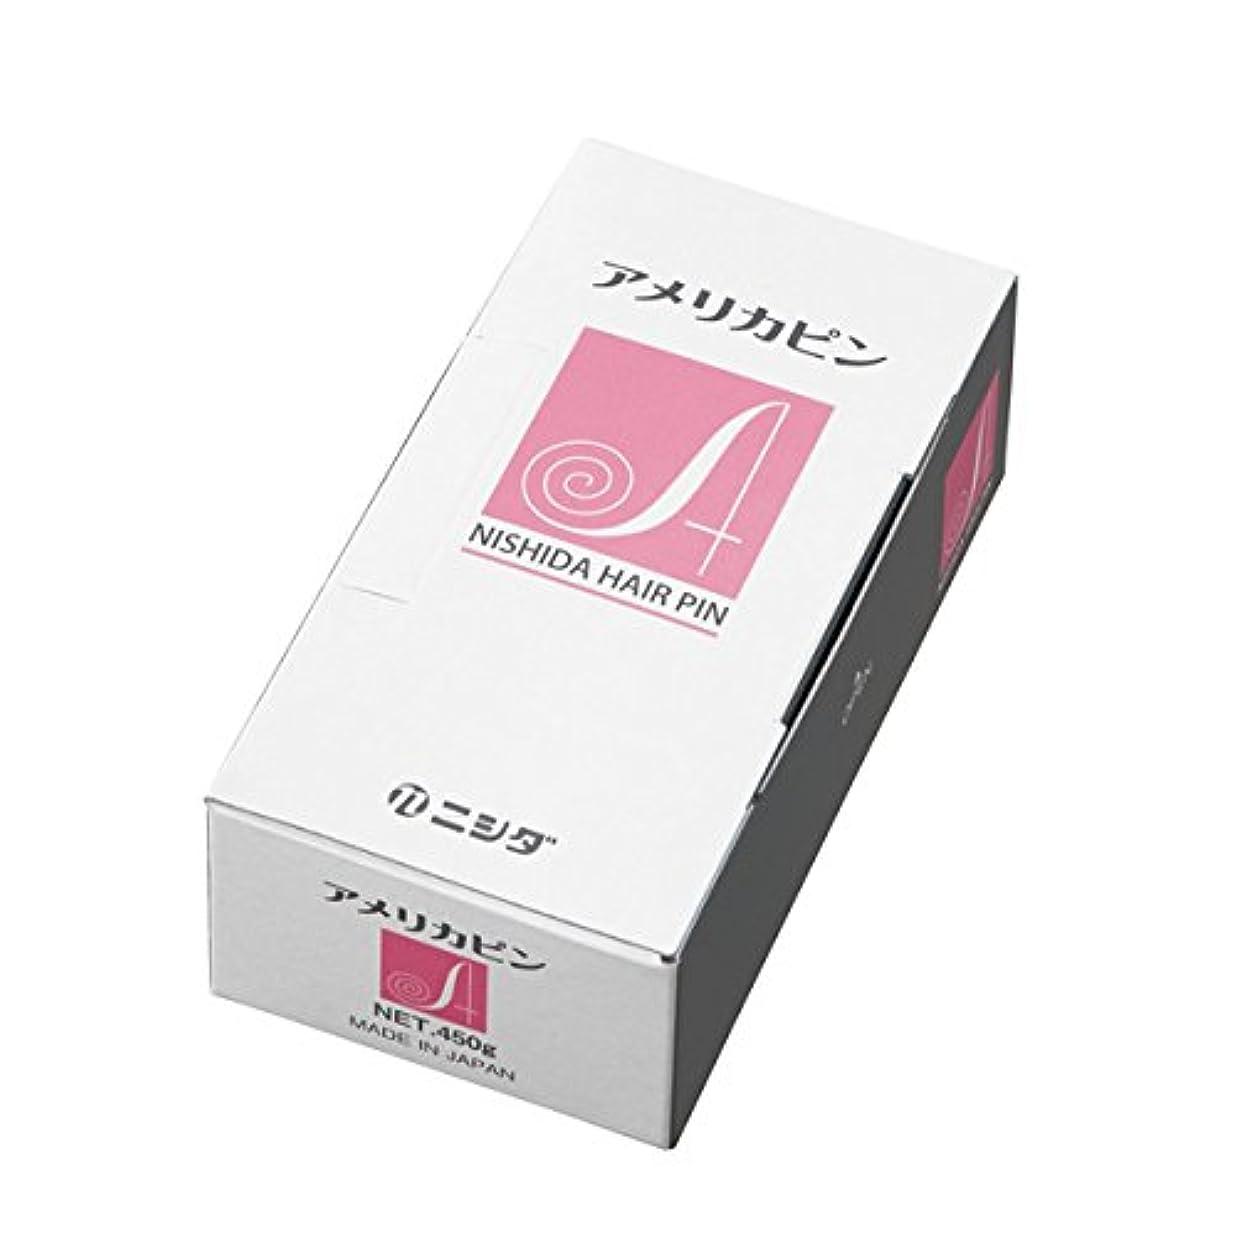 ゲーム関連する圧縮されたニシダピン アメリカピン 450g 株式会社ニシダ プロフェッショナルユースでスタイリング自由自在